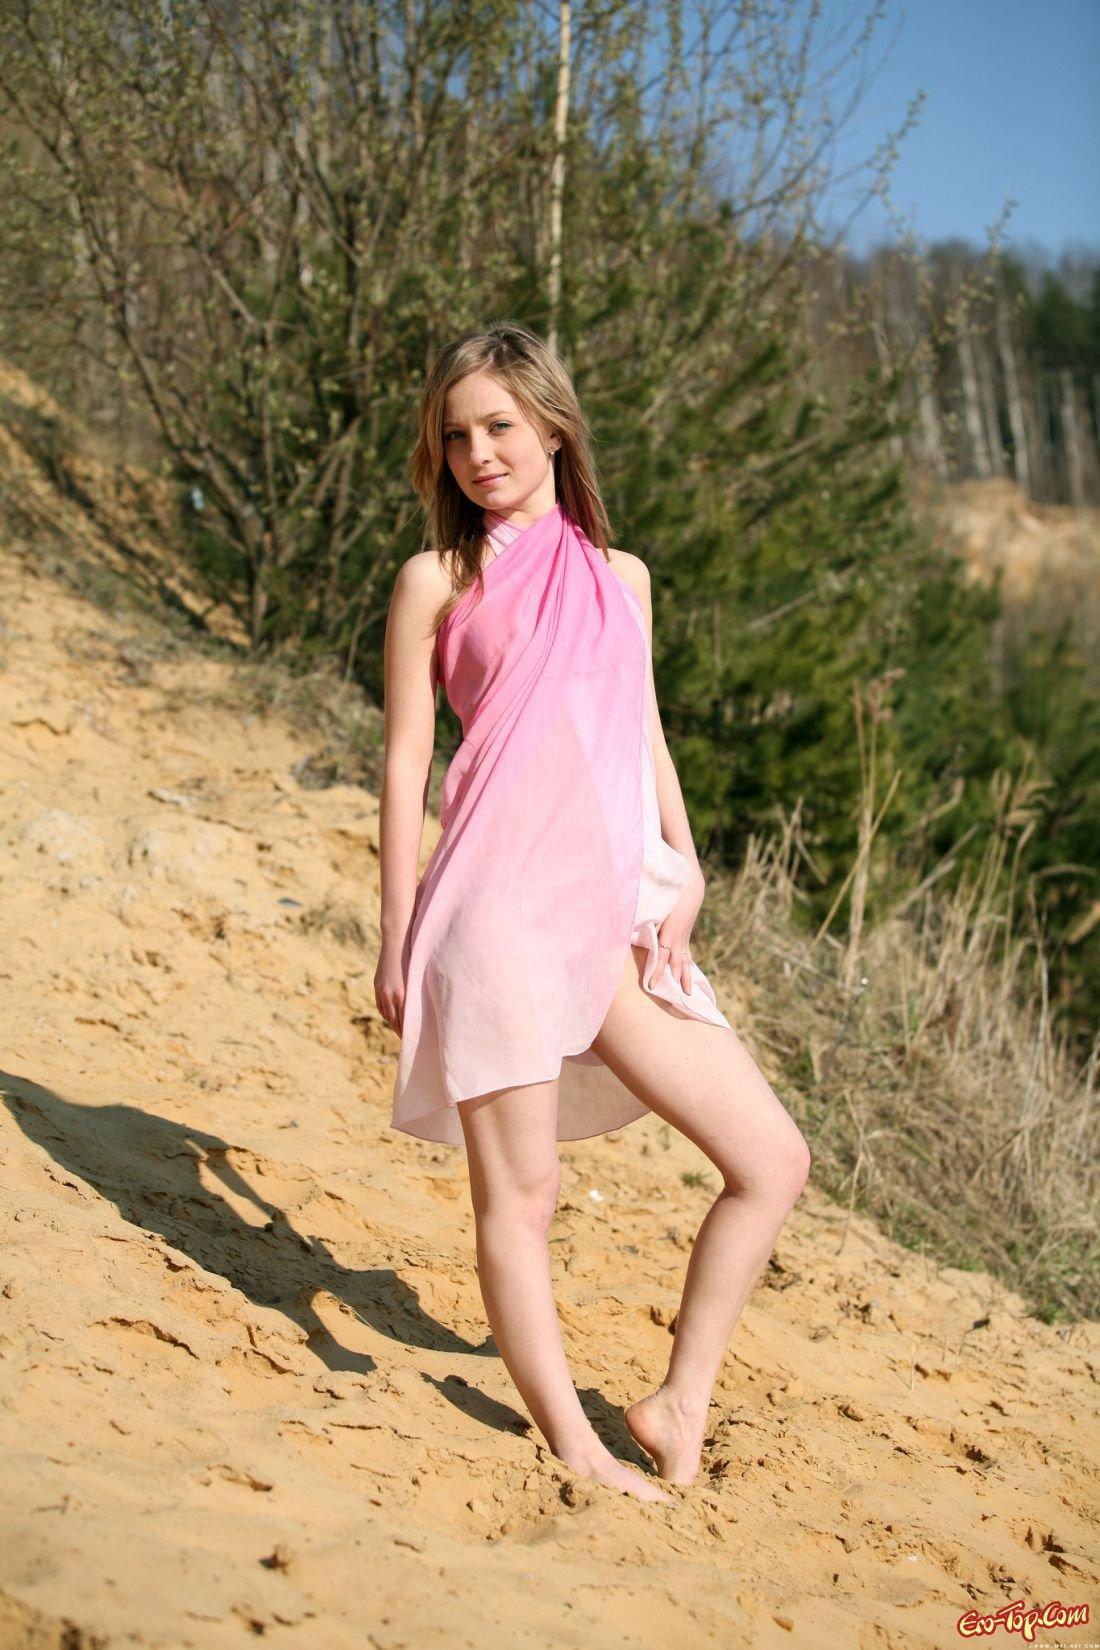 Фото девушка в лесу связанная 15 фотография